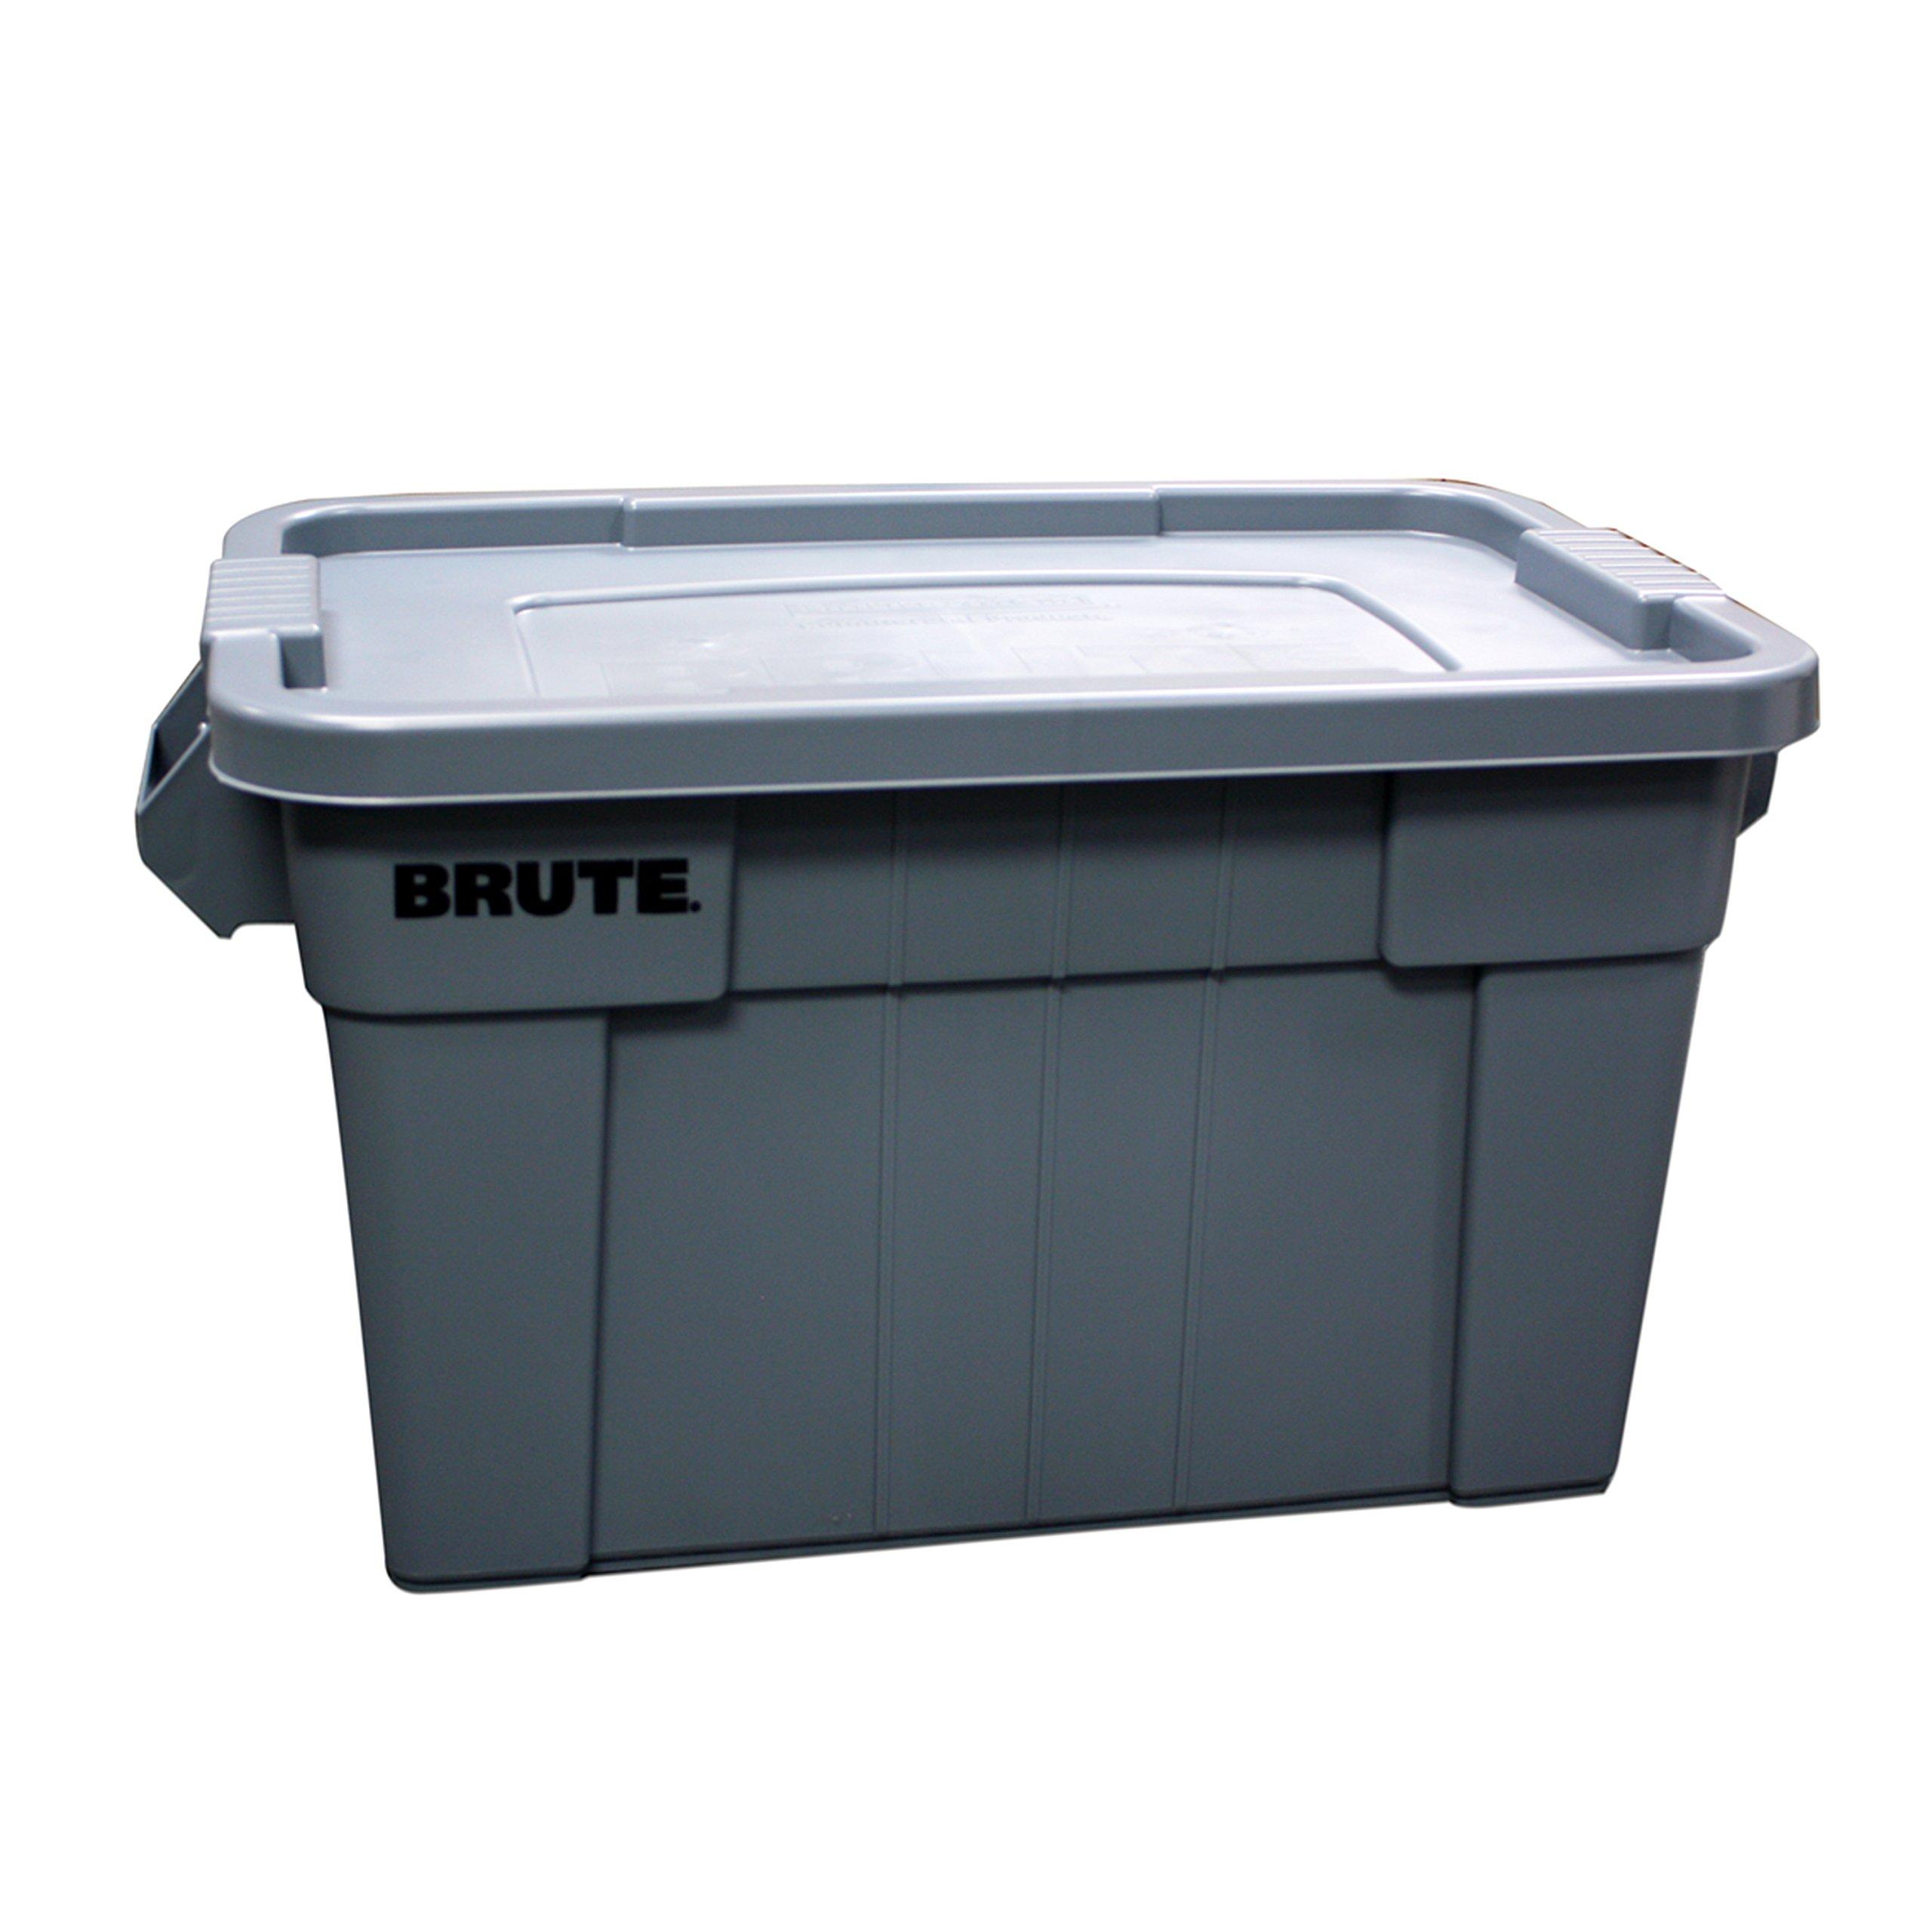 Caja BRUTE c/tapa